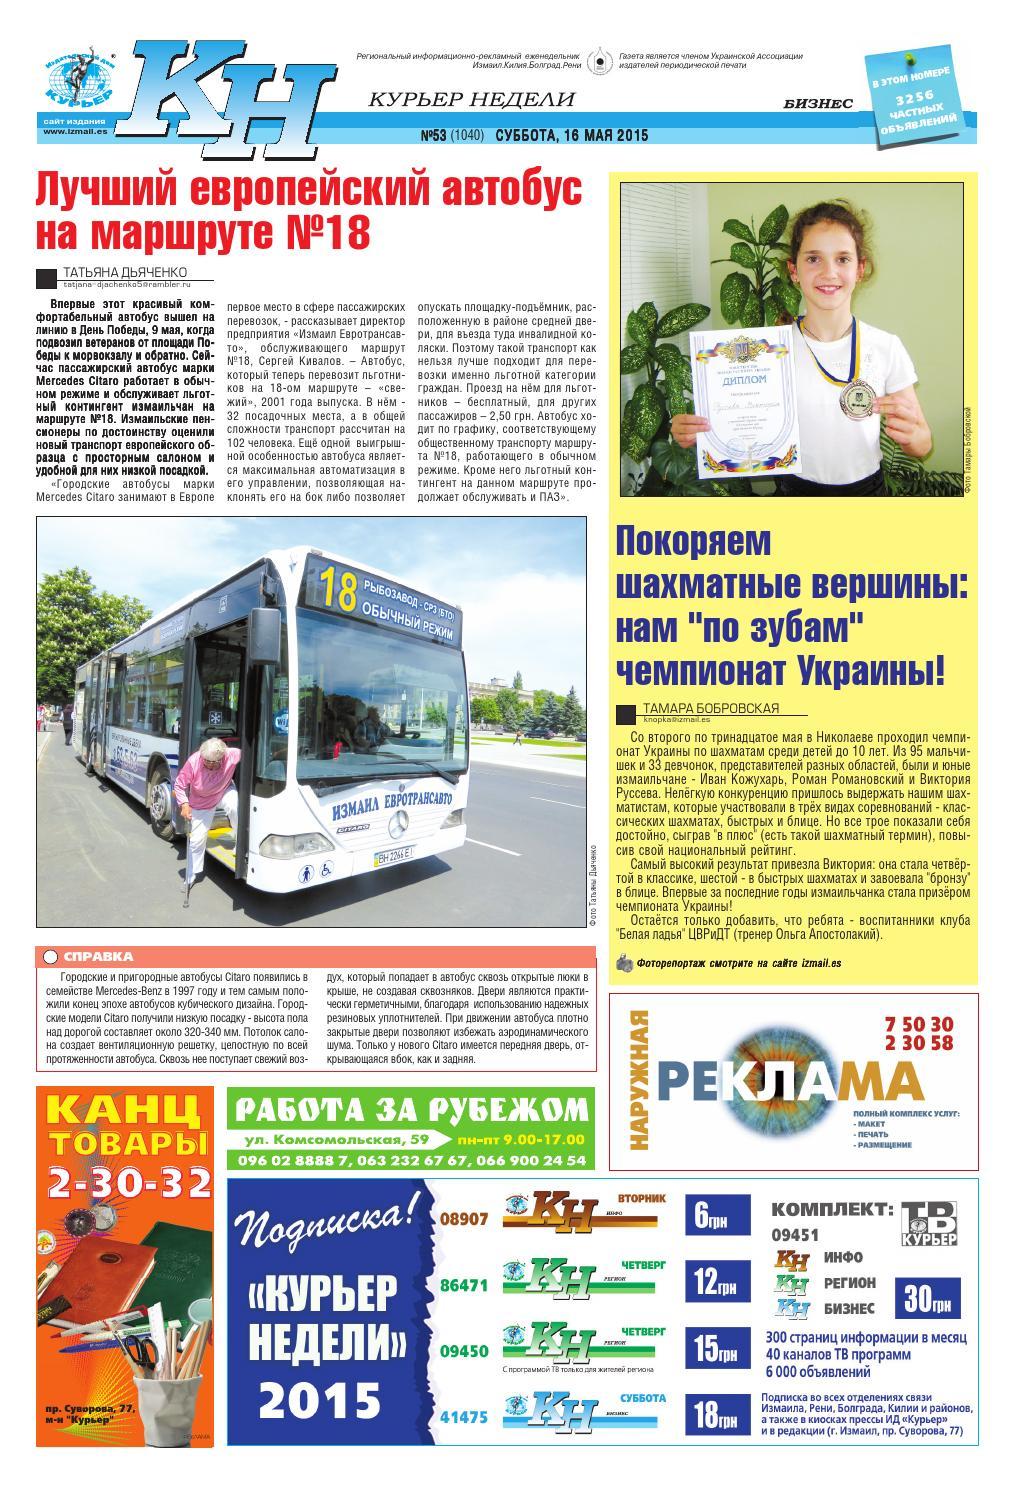 Курьер недели №53 за 16 мая by Издательский дом